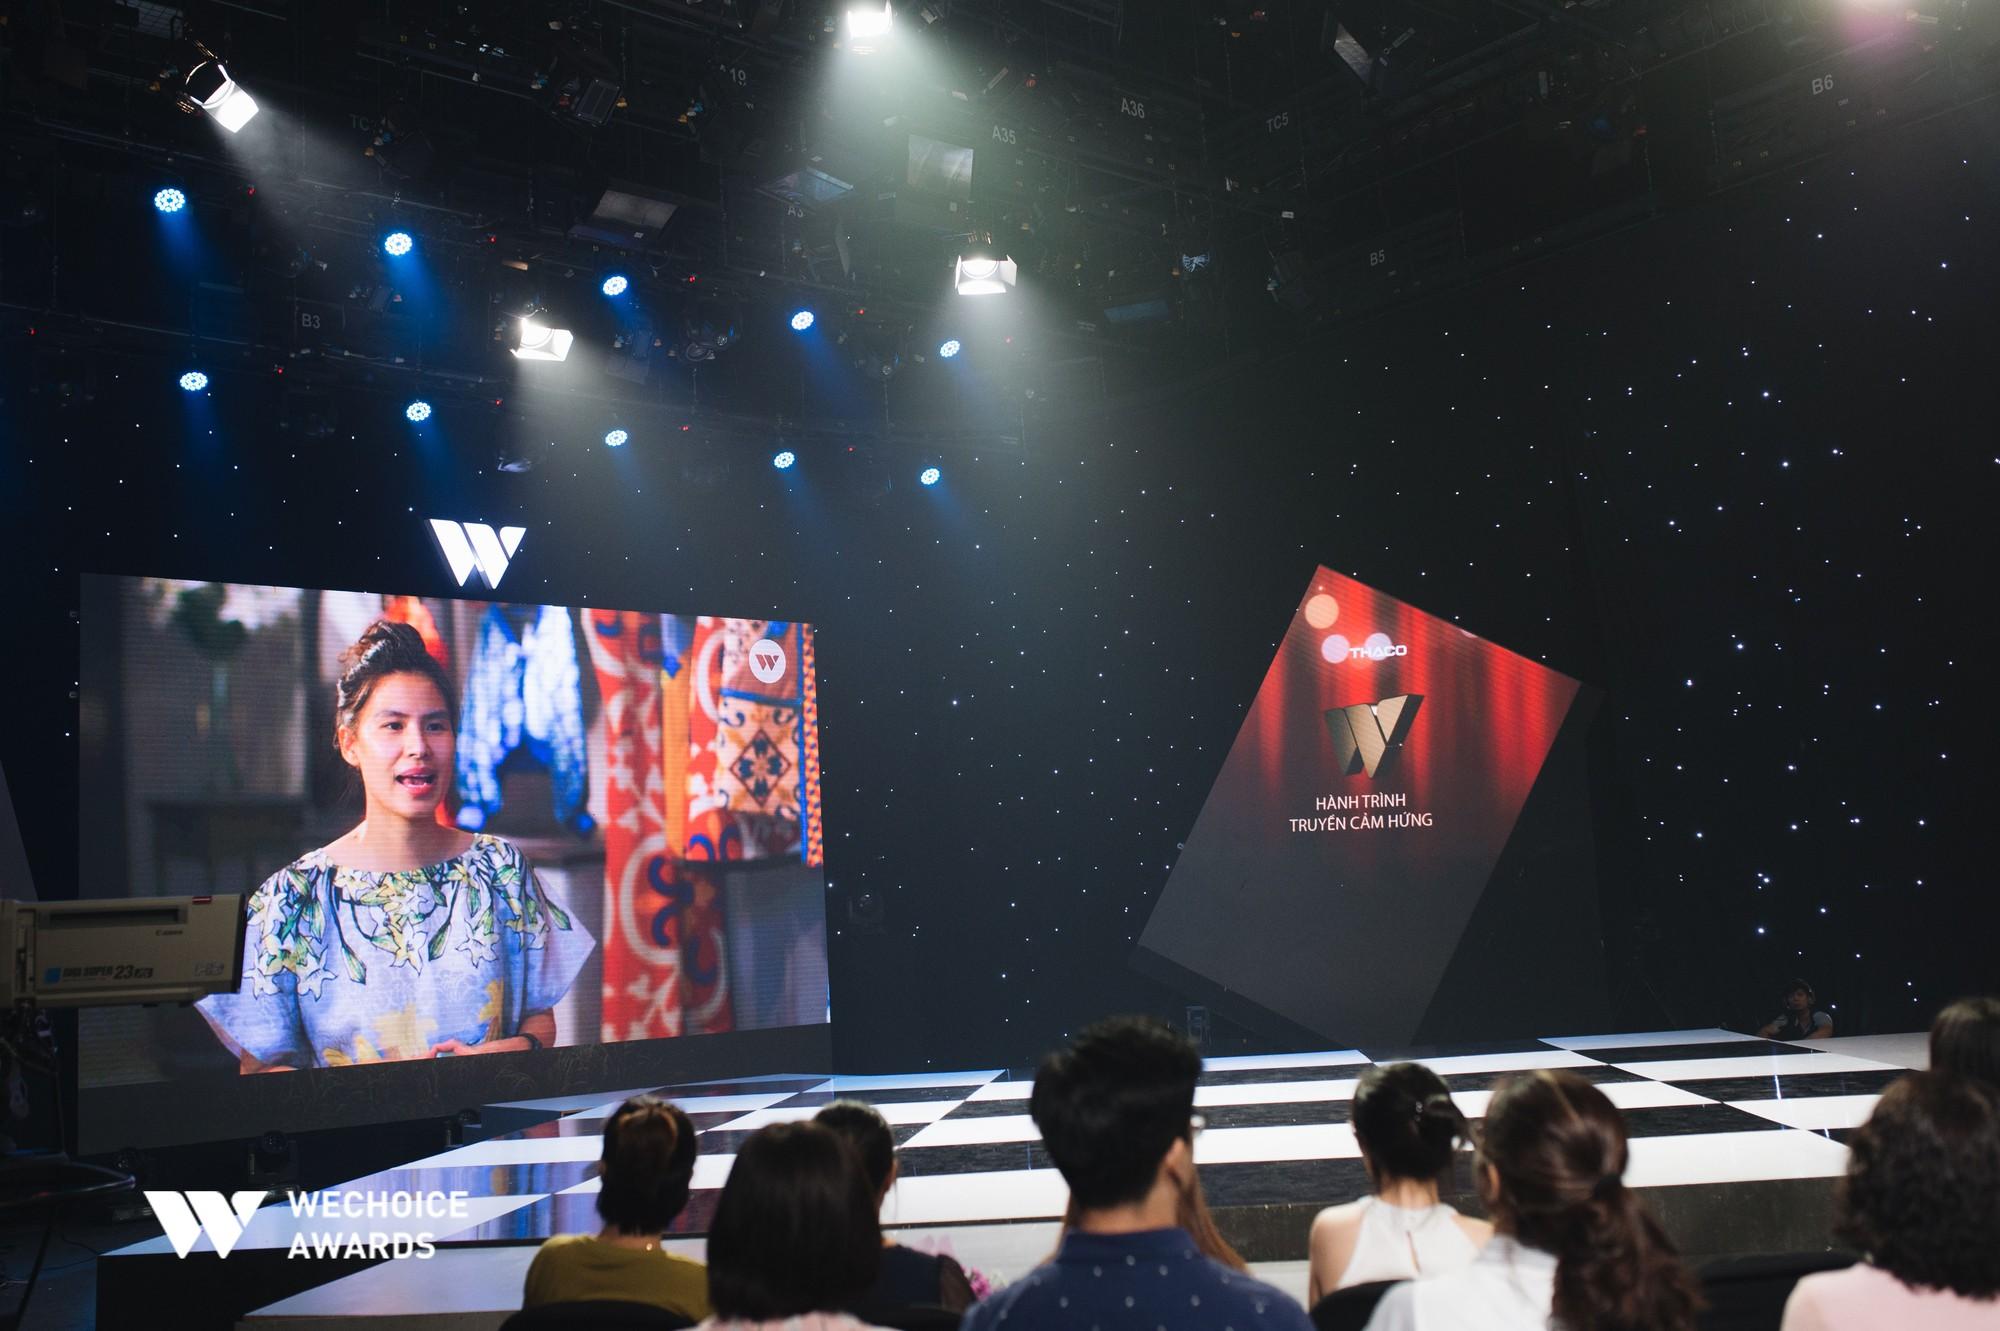 WeChoice Awards: Hành trình truyền cảm hứng của những người phụ nữ- Ảnh 4.